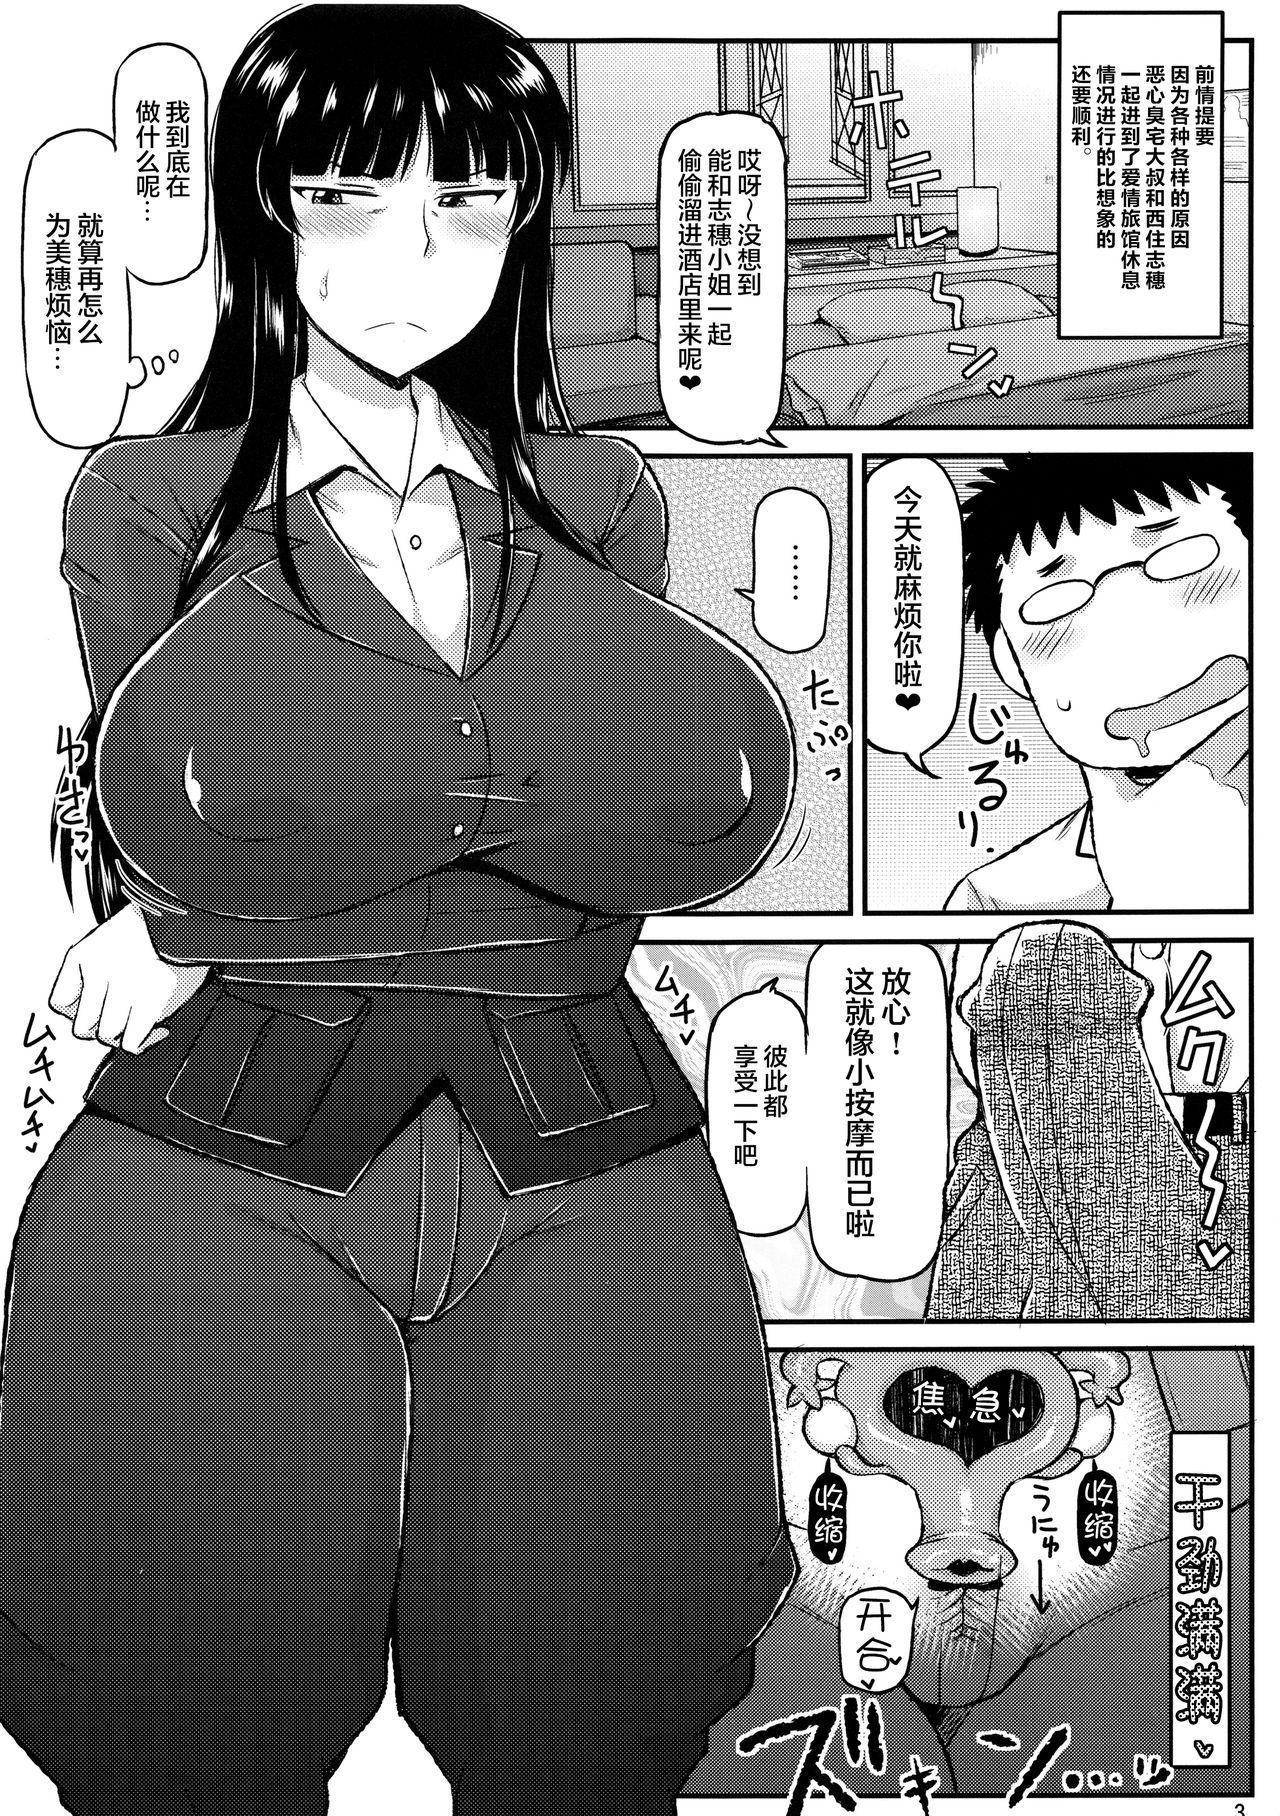 Girl?s & Semen III Nishizumi Shiho no Moteamashita Ureure Body o Chuunen Chinpo de Soutou Sakusen! Iemoto Ransou ni Idenshi Seichuu Butai Shinkou Kaishi 2